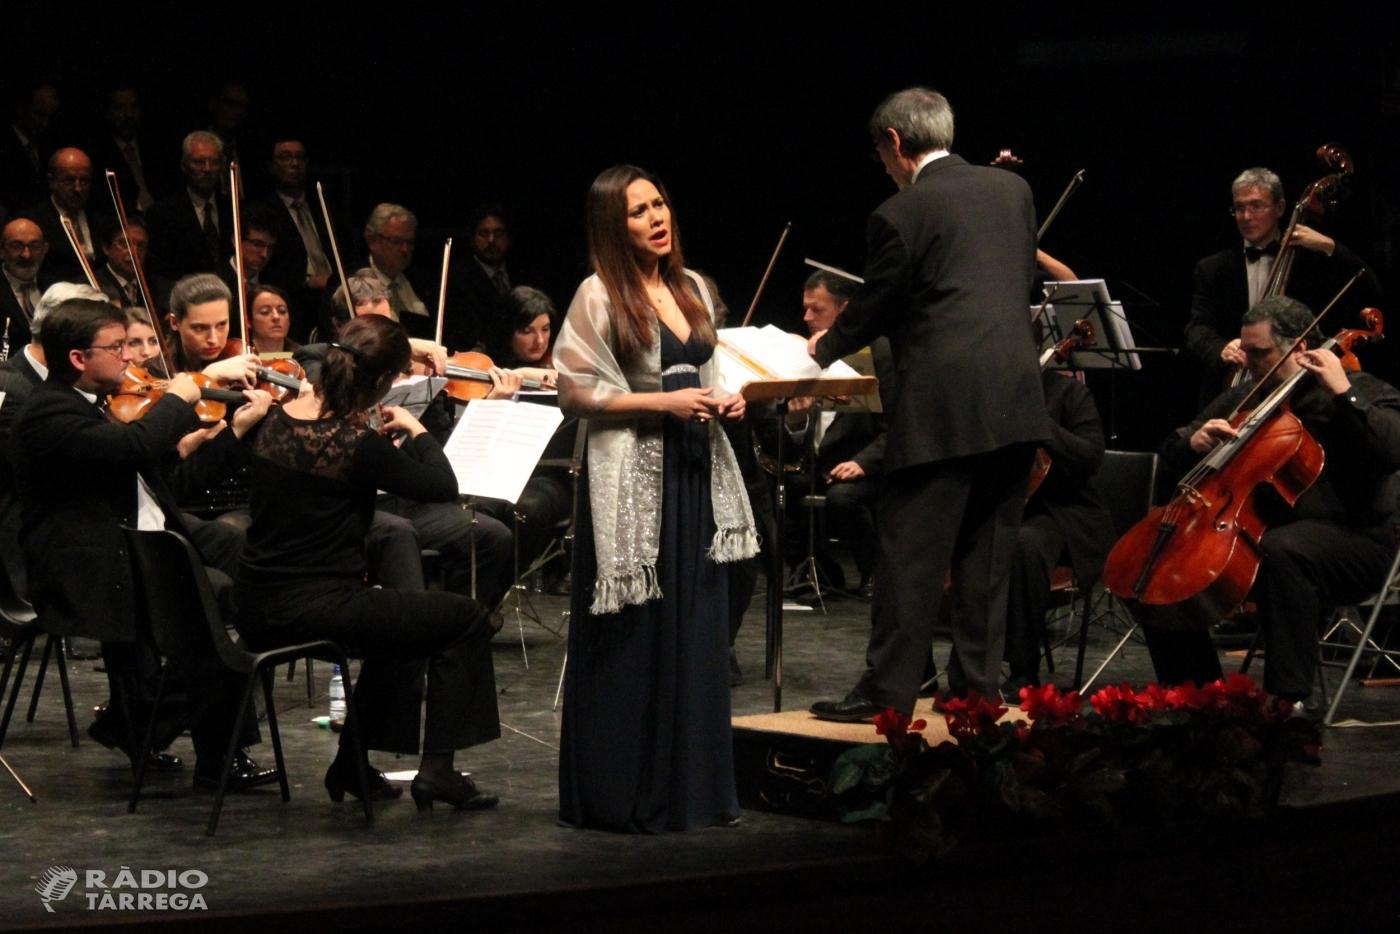 Tàrrega clou la programació cultural de Nadal el diumenge 13 de gener amb el seu tradicional Concert de Reis